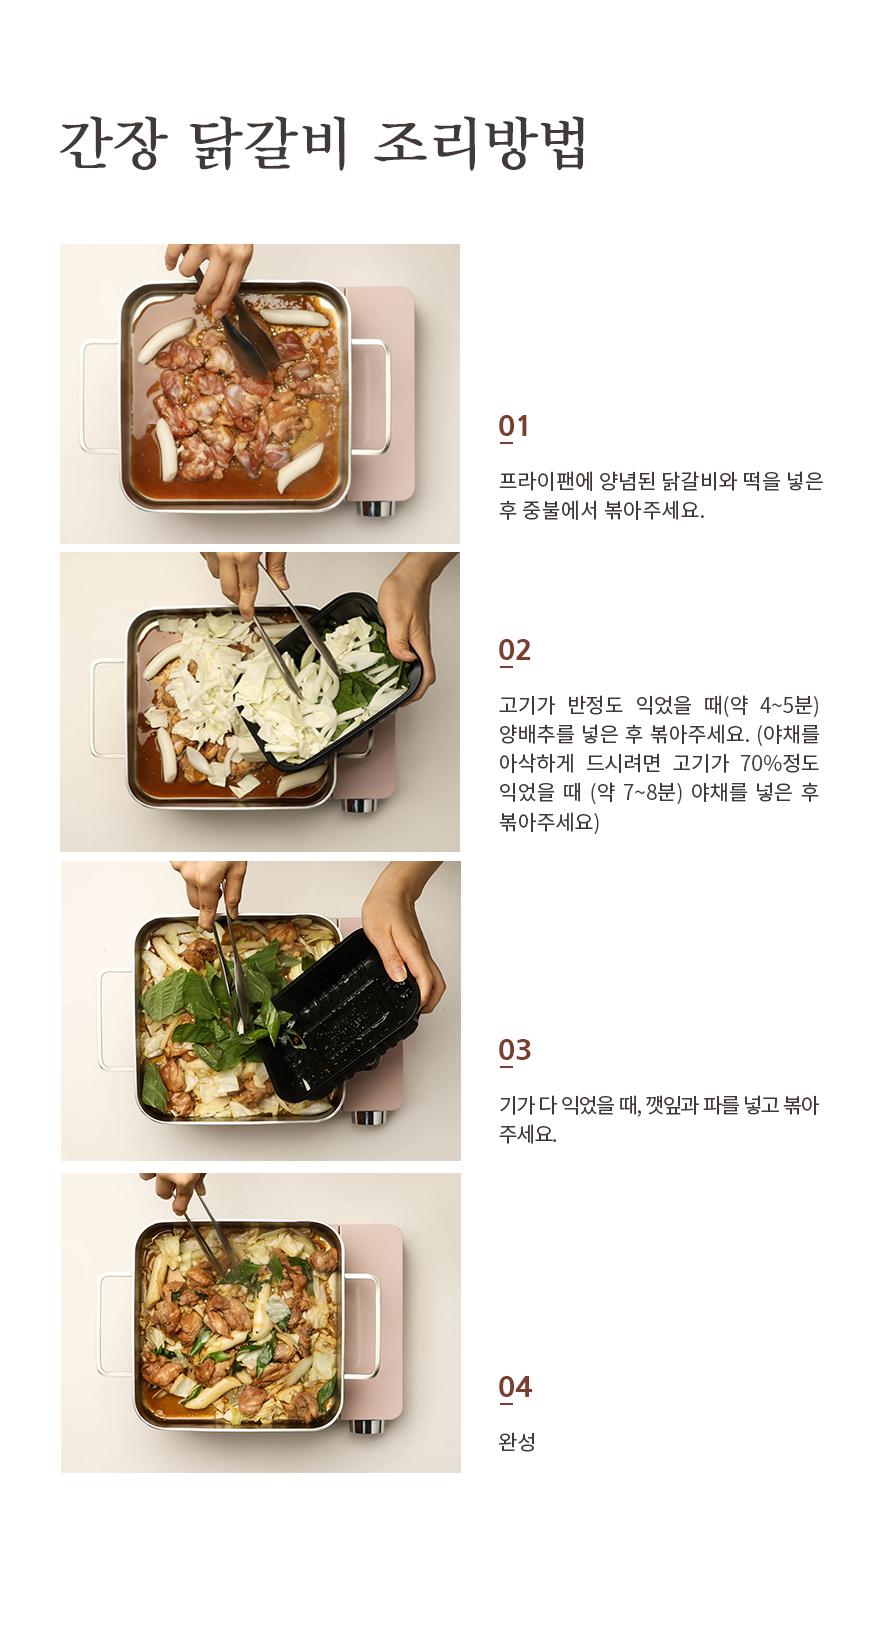 간장 닭갈비 조리방법 아래 조리방법을 참고하시면 더 맛있게 드실 수 있습니다. 1.프라이팬에 양념된 닭갈비와 떡을 넣은 후 중불에서 볶아주세요. 2. 고기가 반정도 익었을 때(약4~5분) 양배추를 넣은 후 볶아주세요. (야채를 아삭하게 드시려면 고기가 70%정도 익었을때(약7~8분) 야채를 넣은 후 볶아주세요) 3. 고기가 다 익었을 때, 깻잎과 파를 넣고 볶아주세요. 4. 완성